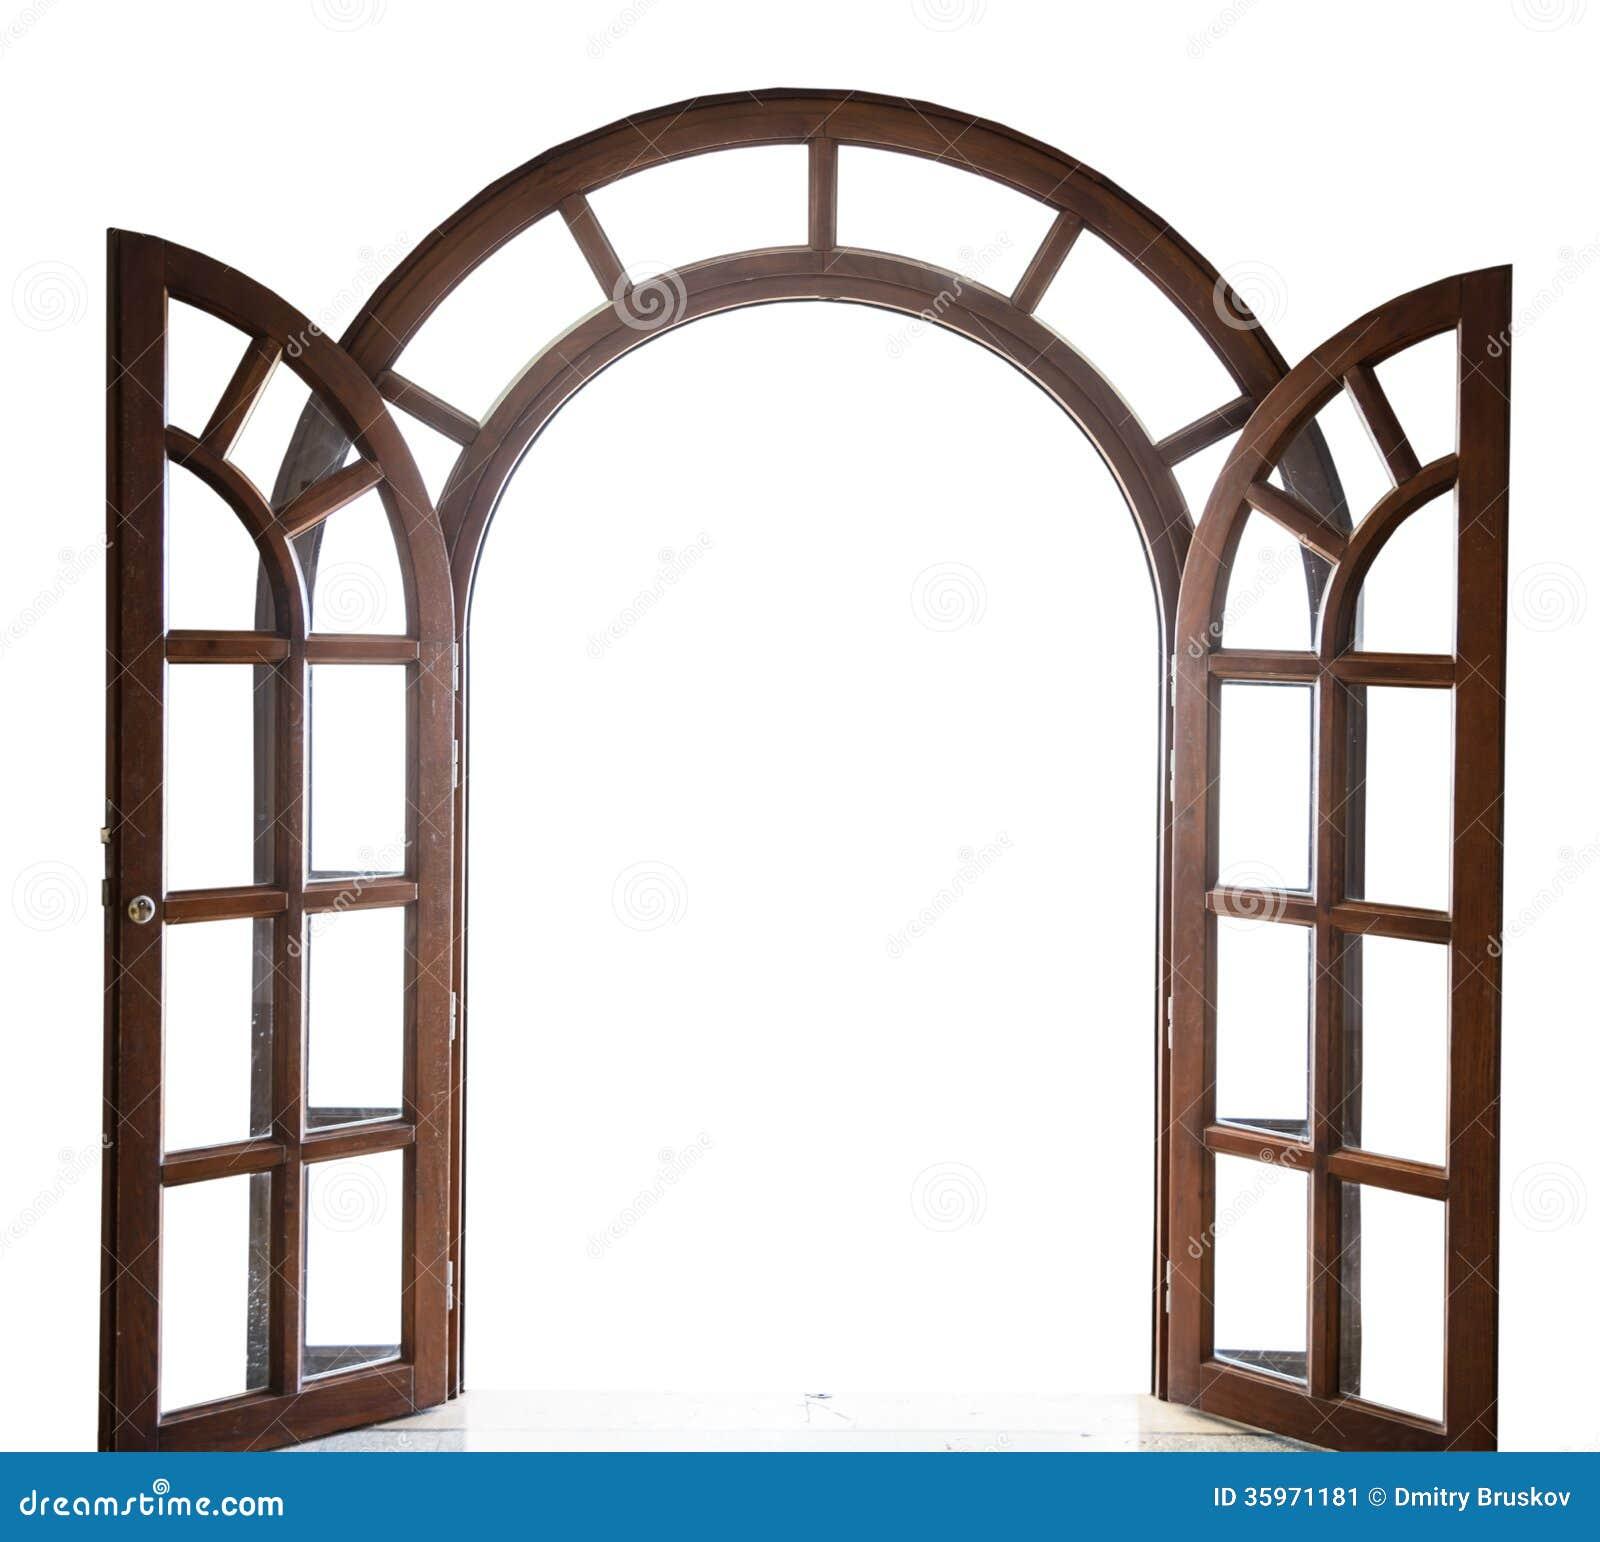 Double door clipart - Open Door Clip Art Read Sources Clipart Door Opening Bred Southern The Open Doorway Clipart